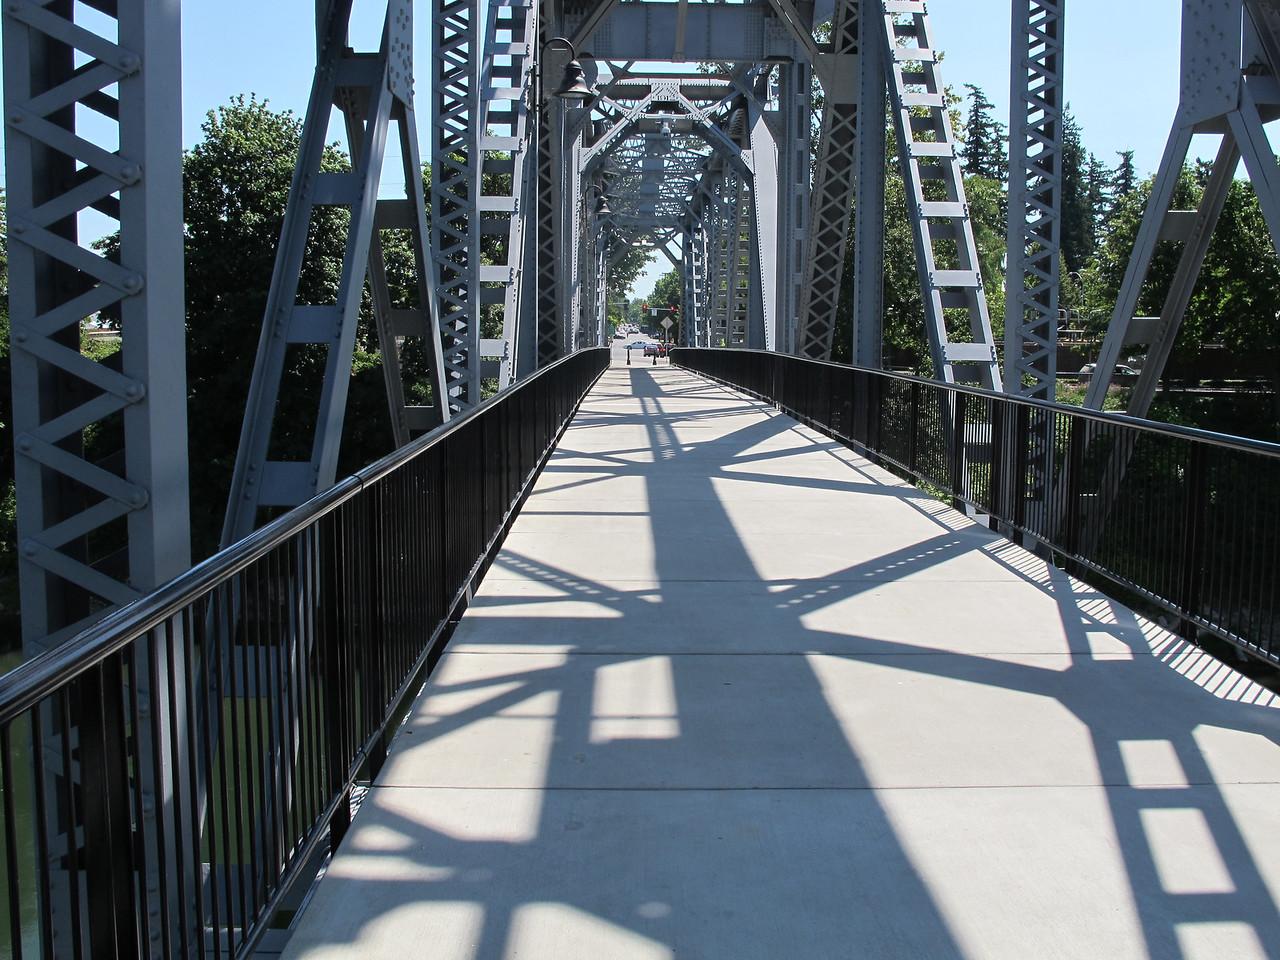 Repurposed railway bridge in Salem.